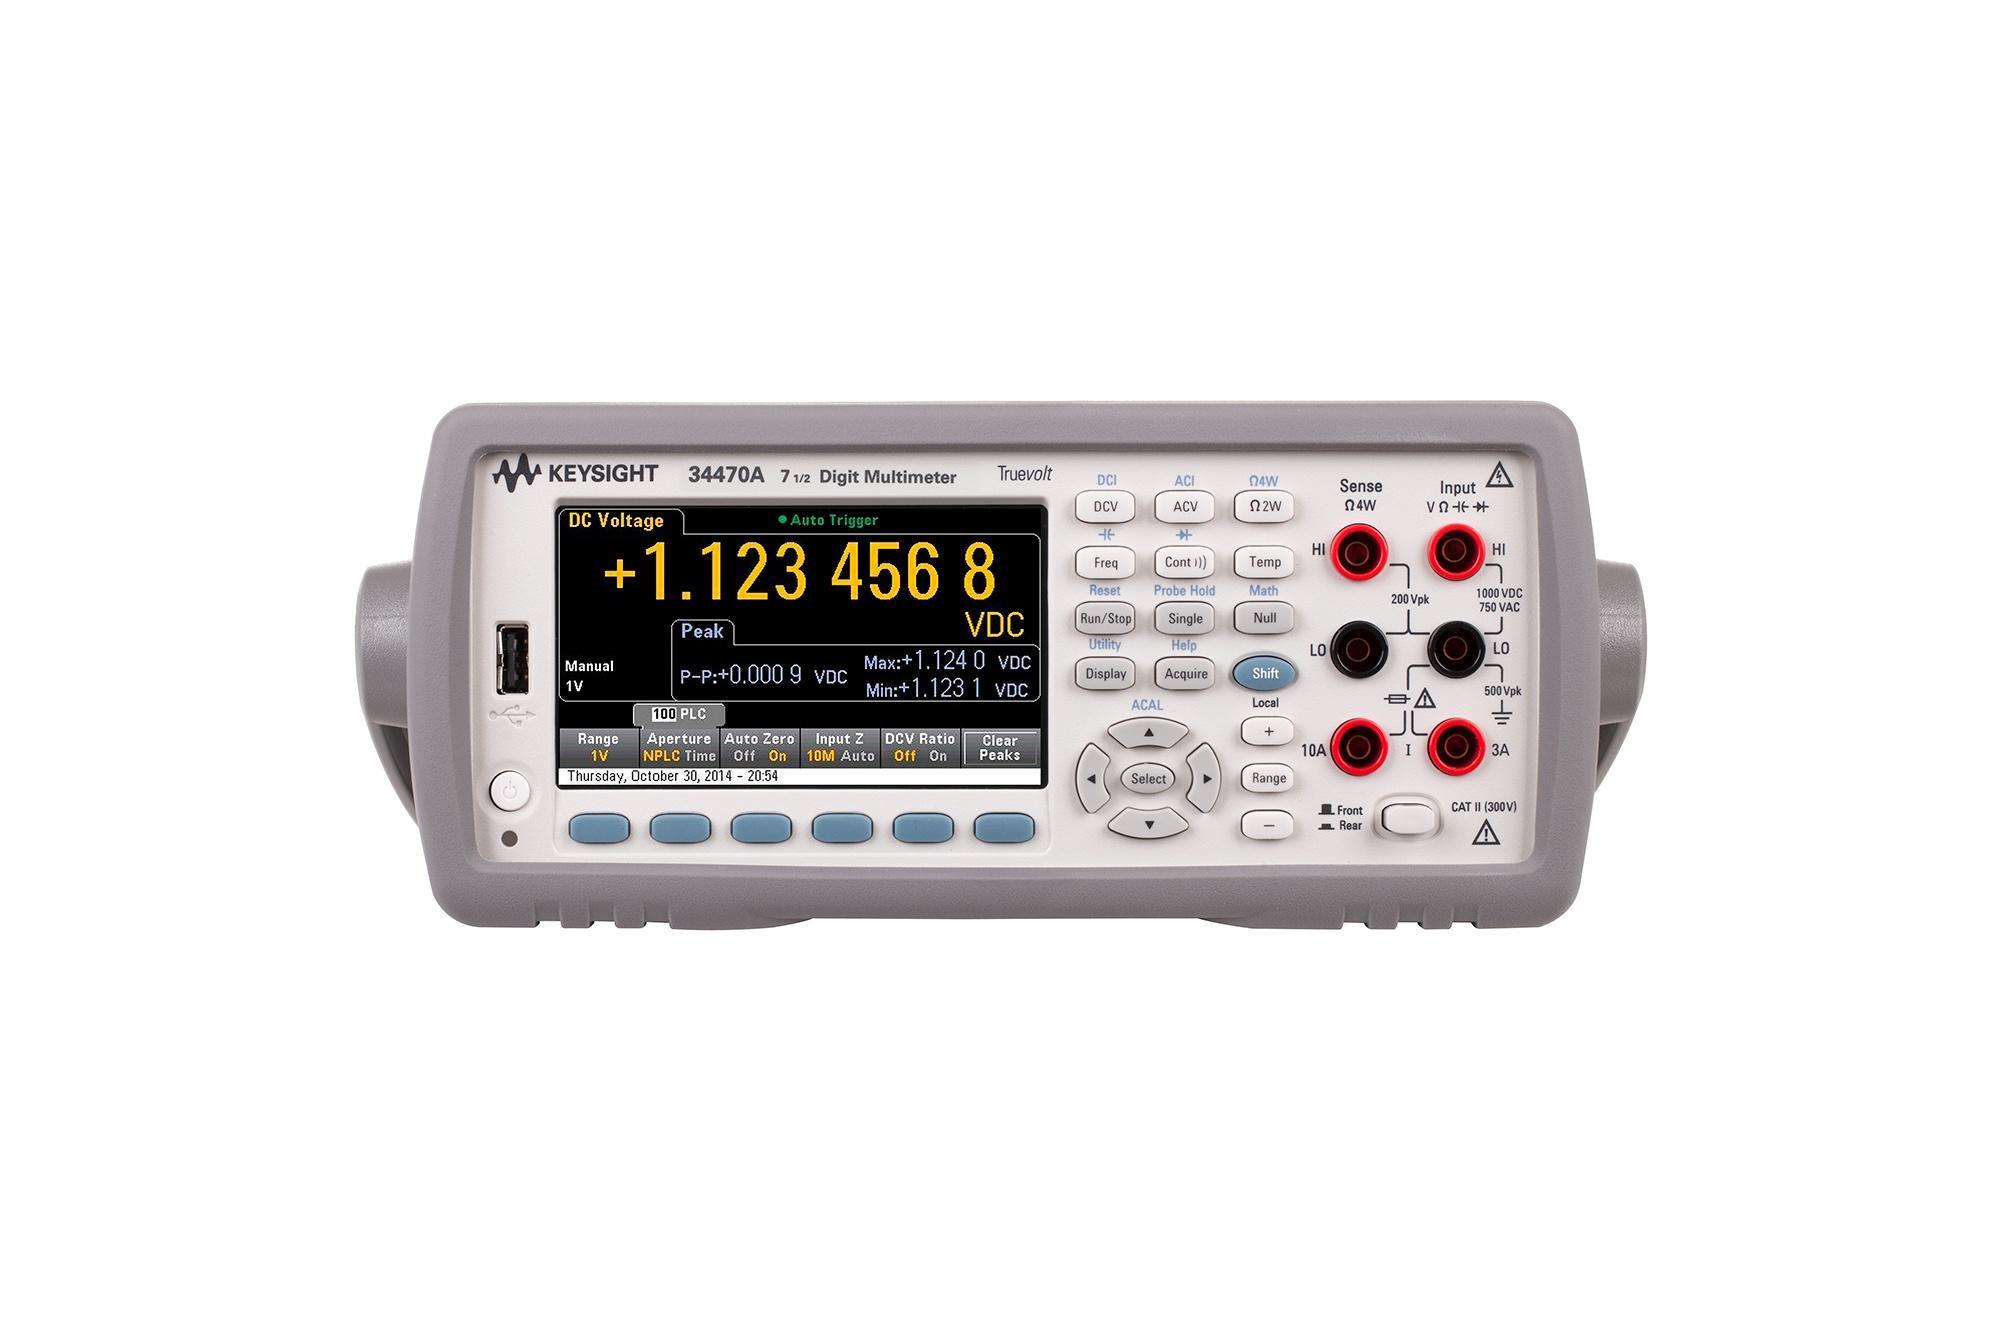 34470A Dijtal Multimetre, 7½ Dijit, Performance Truevolt DMM